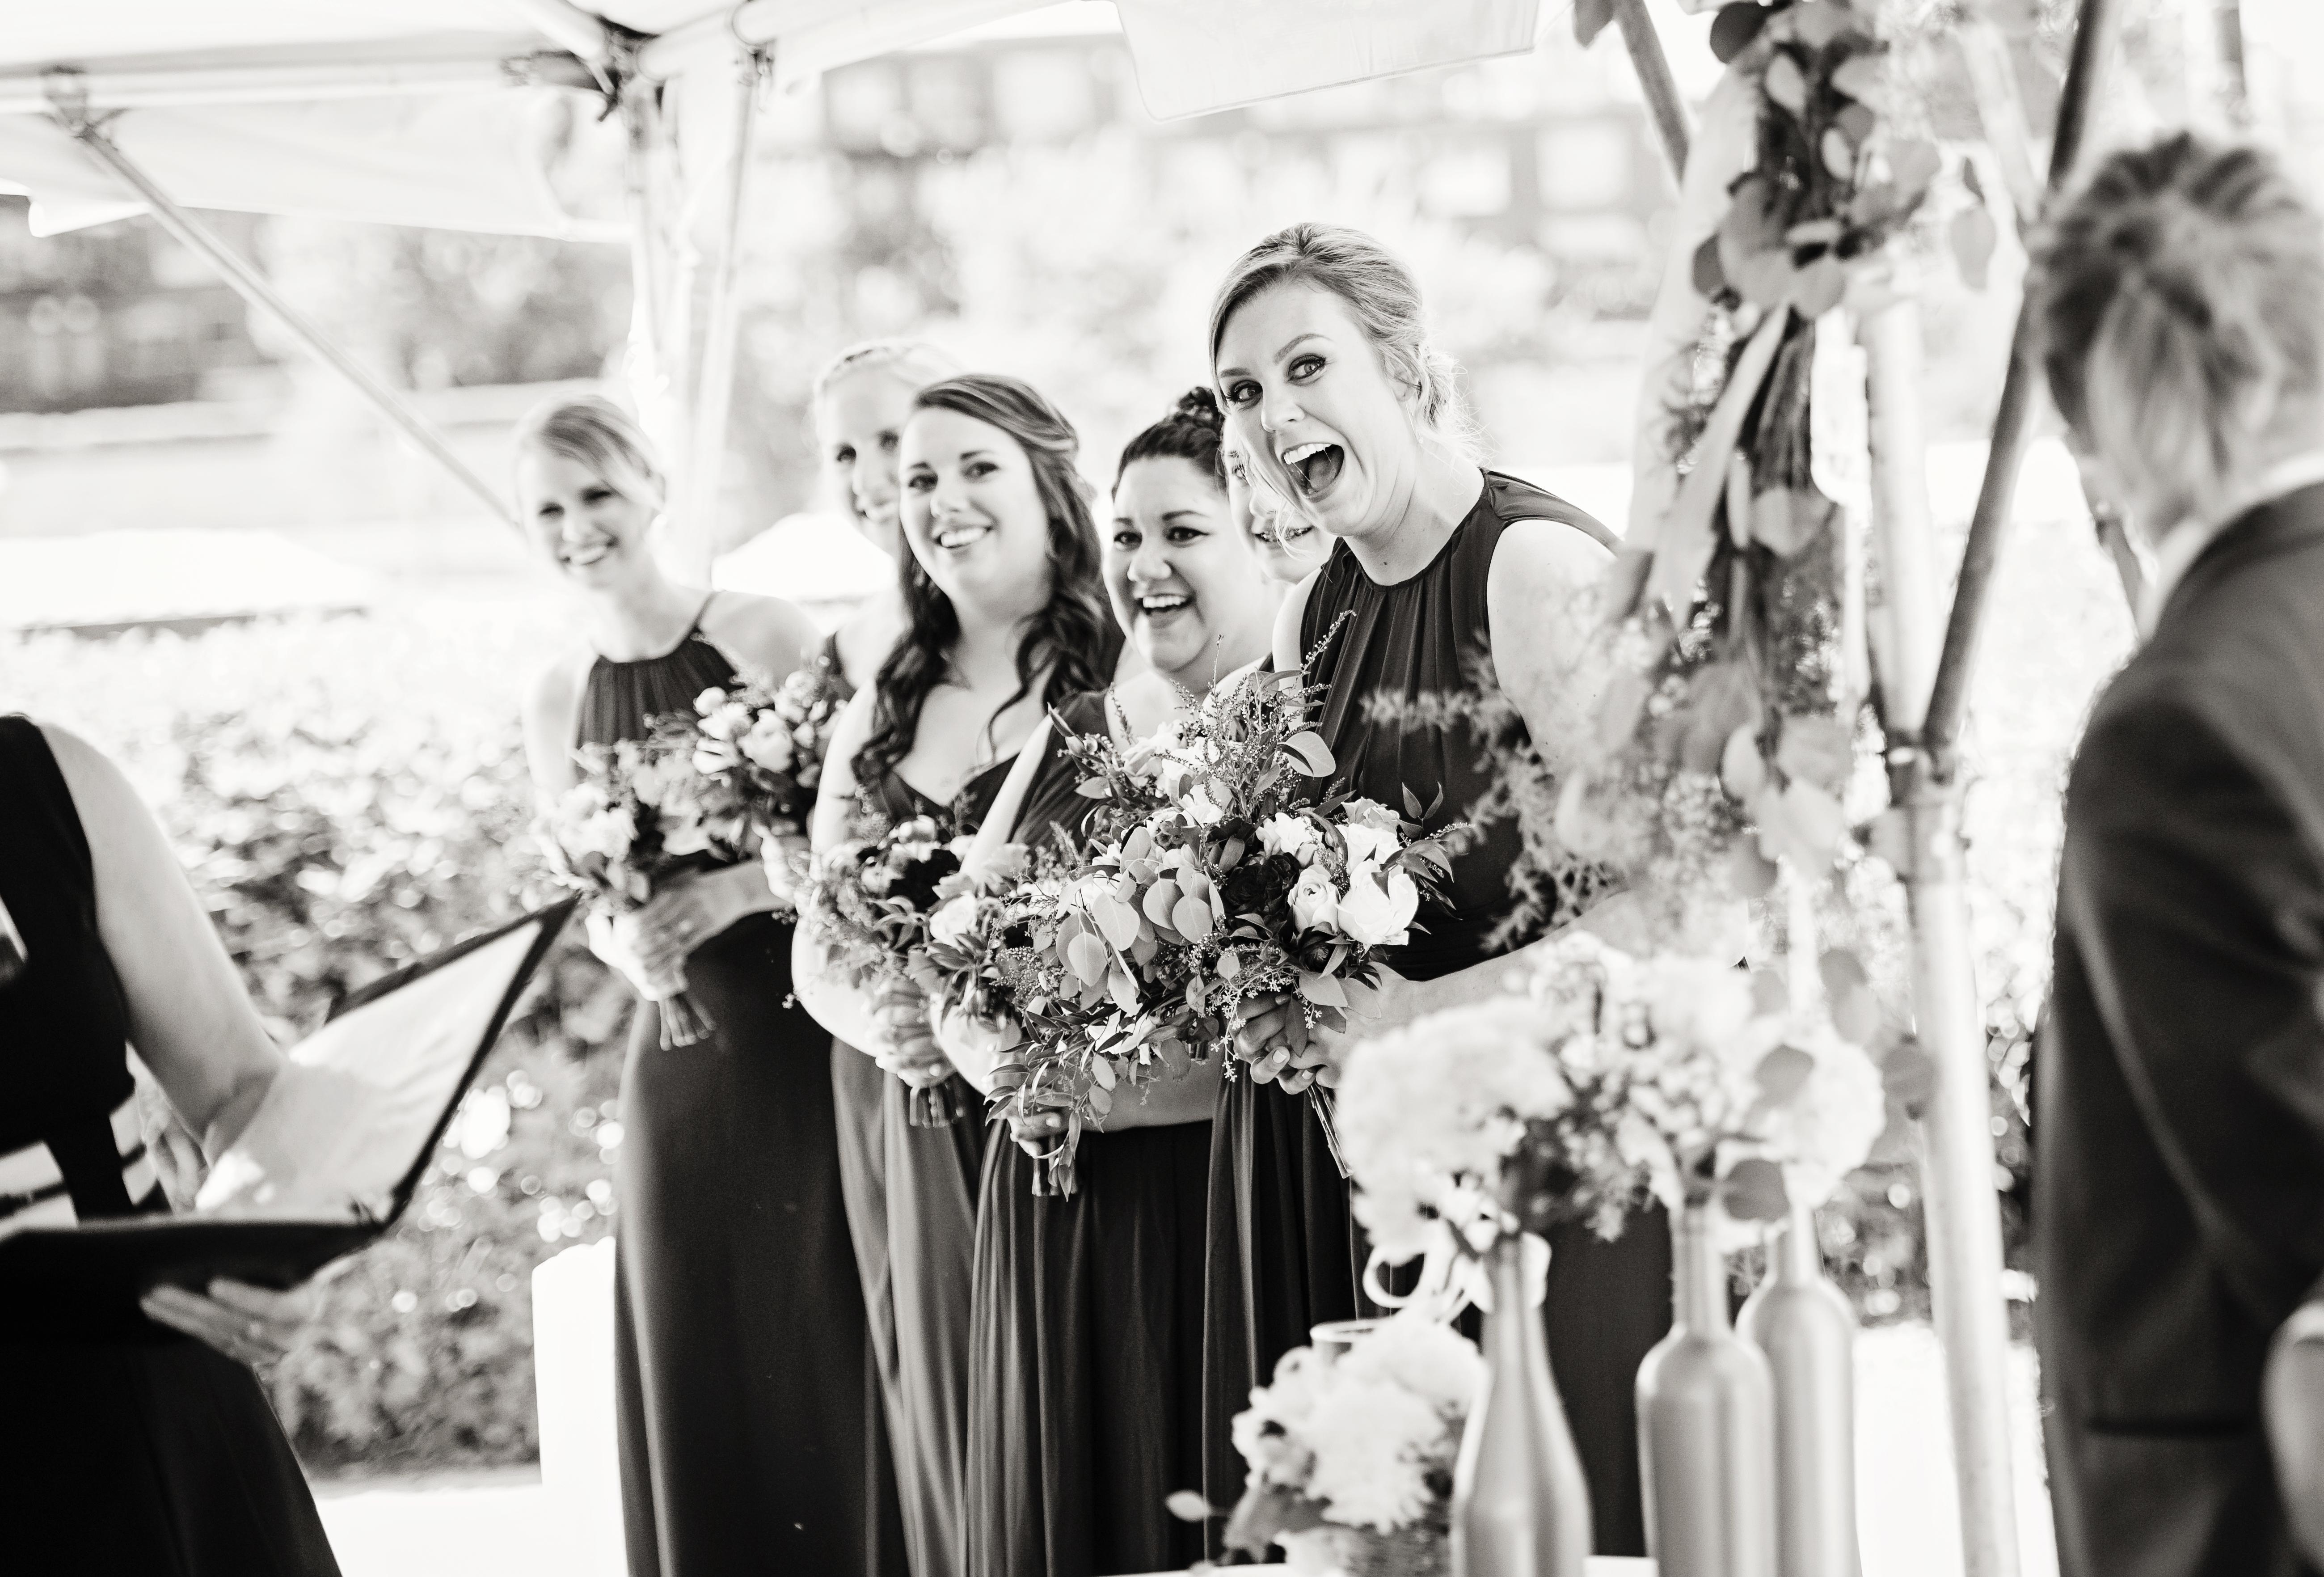 twincities wedding photography east oaks photography wedding photo (20)